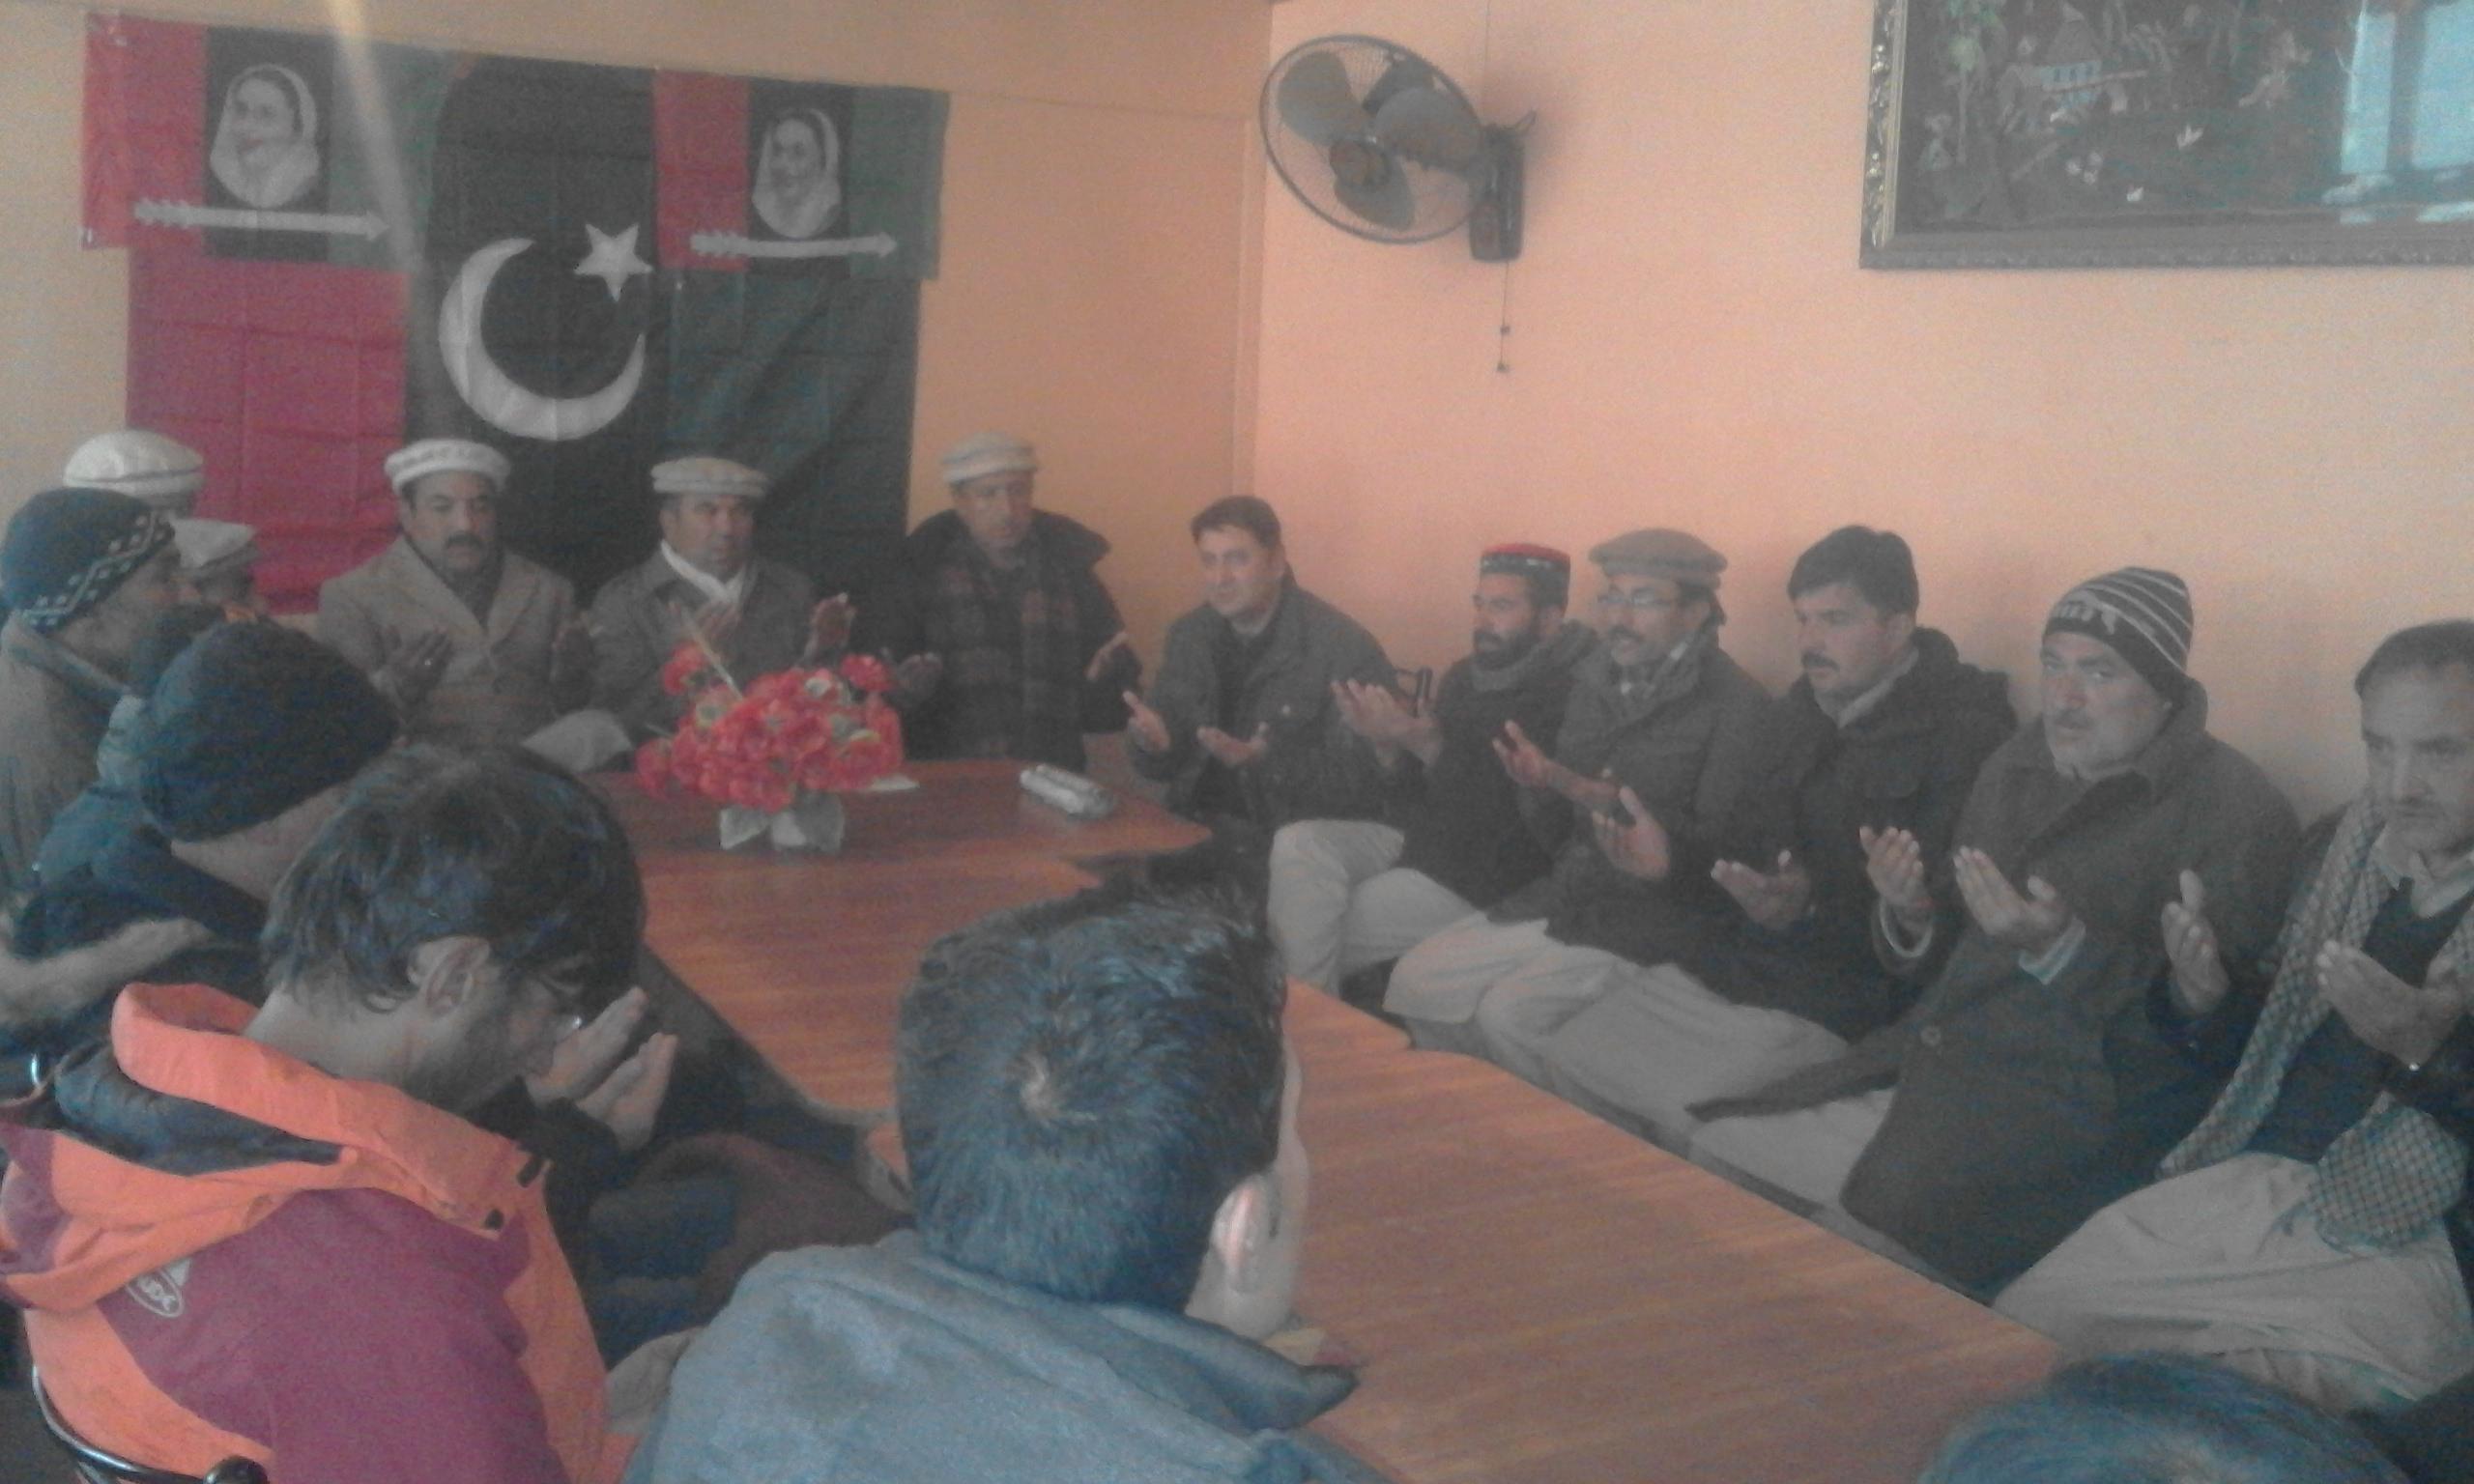 ہنزہ: بینظر بھٹو کی برسی پر کارکنوں کا اجتماع